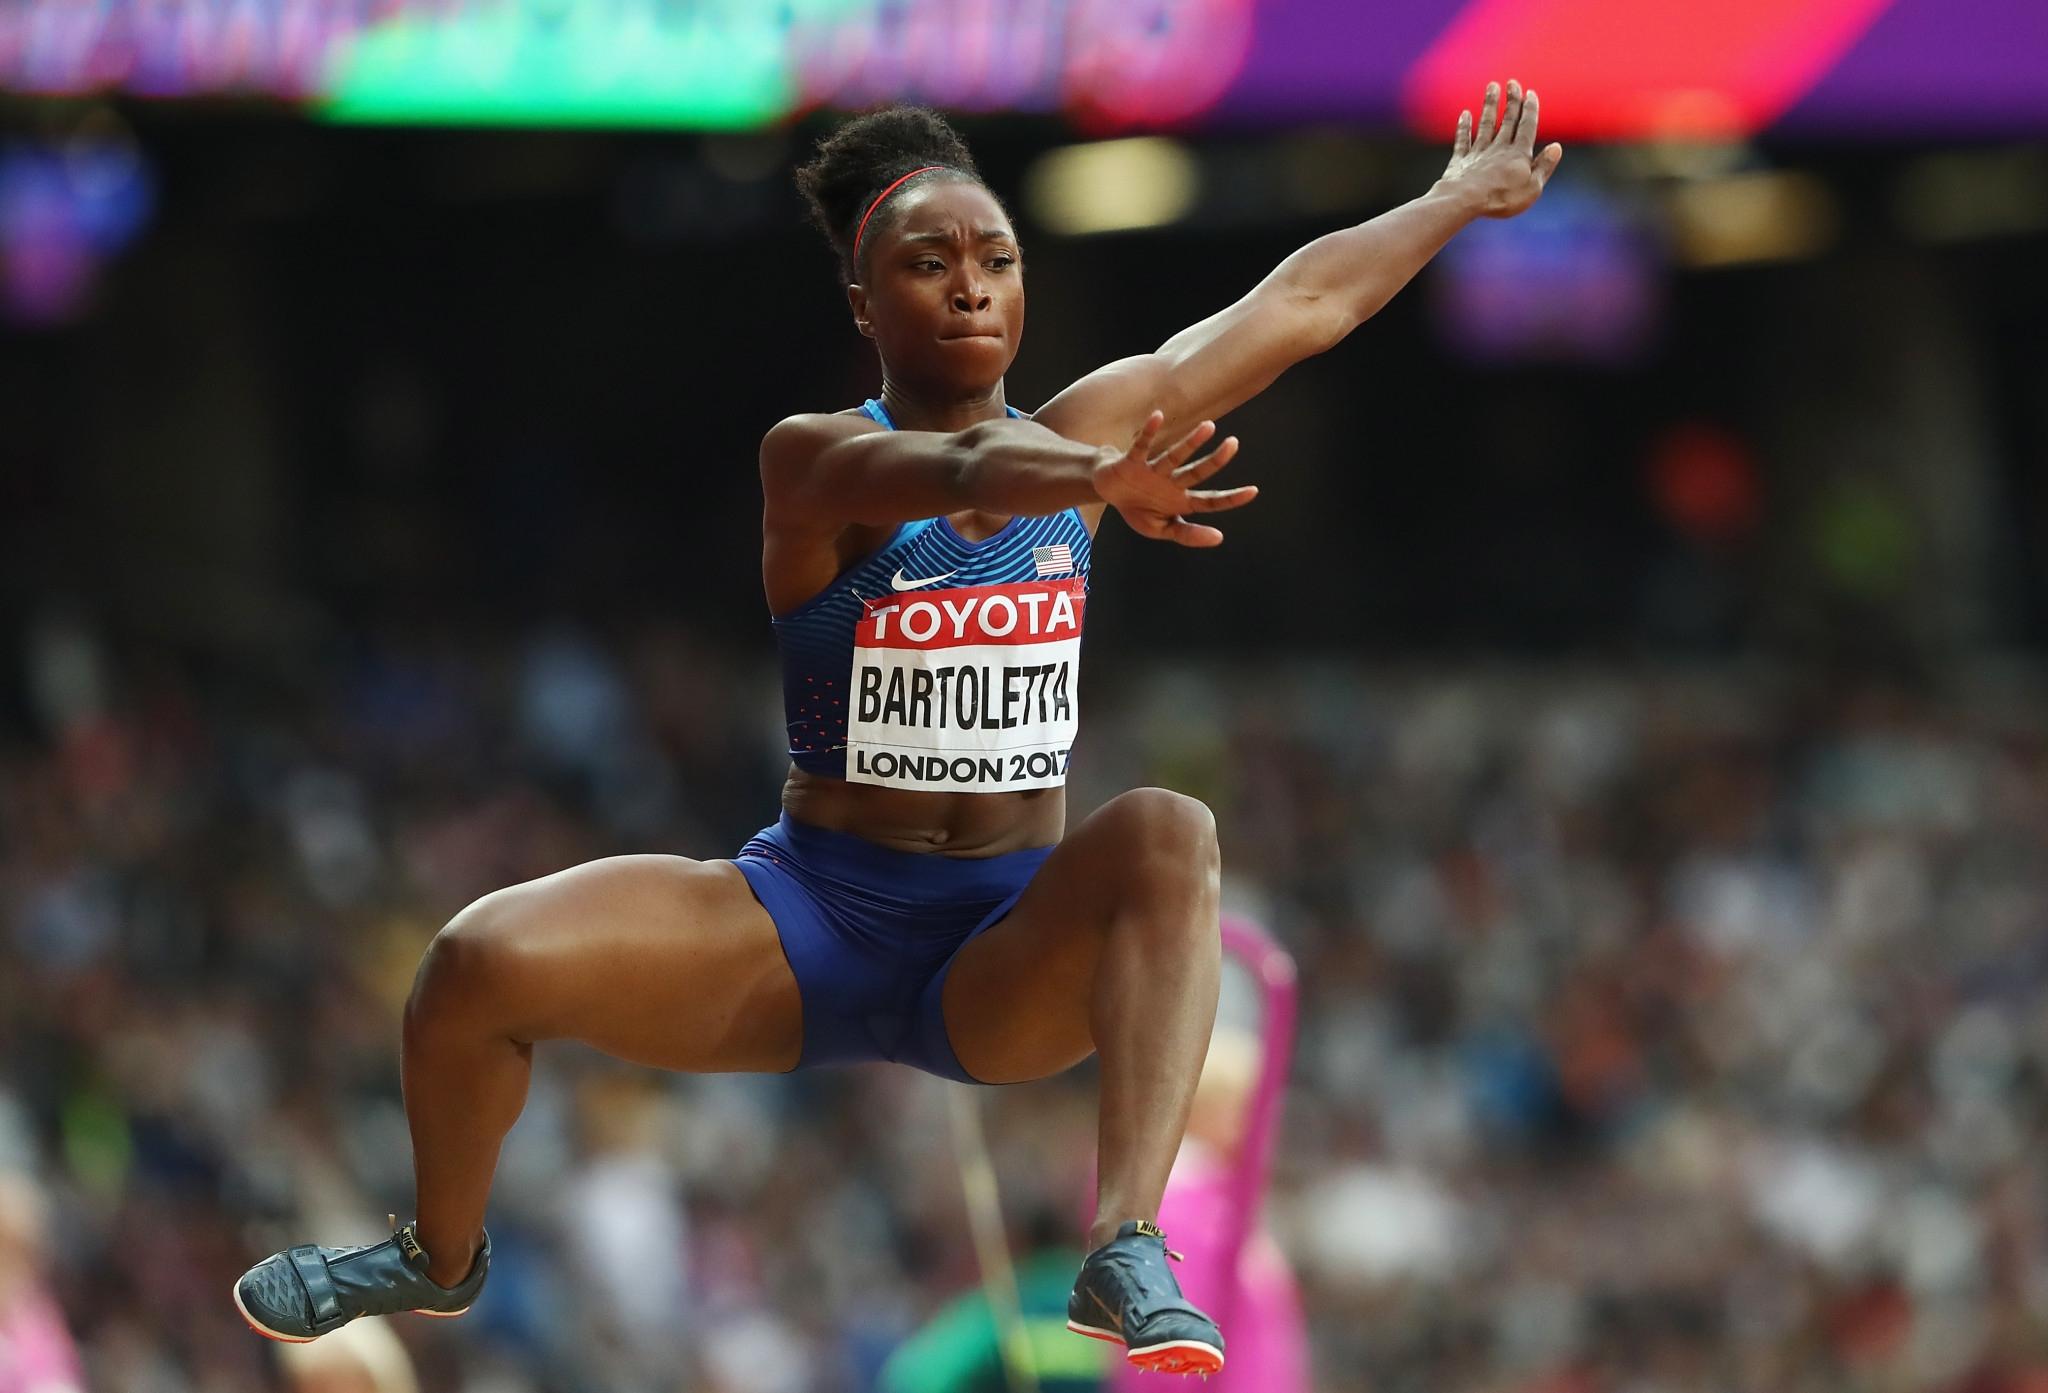 Американската трикратна олимпийска шампионка Тиана Бартолета разкритикува сънародника си Крисчън